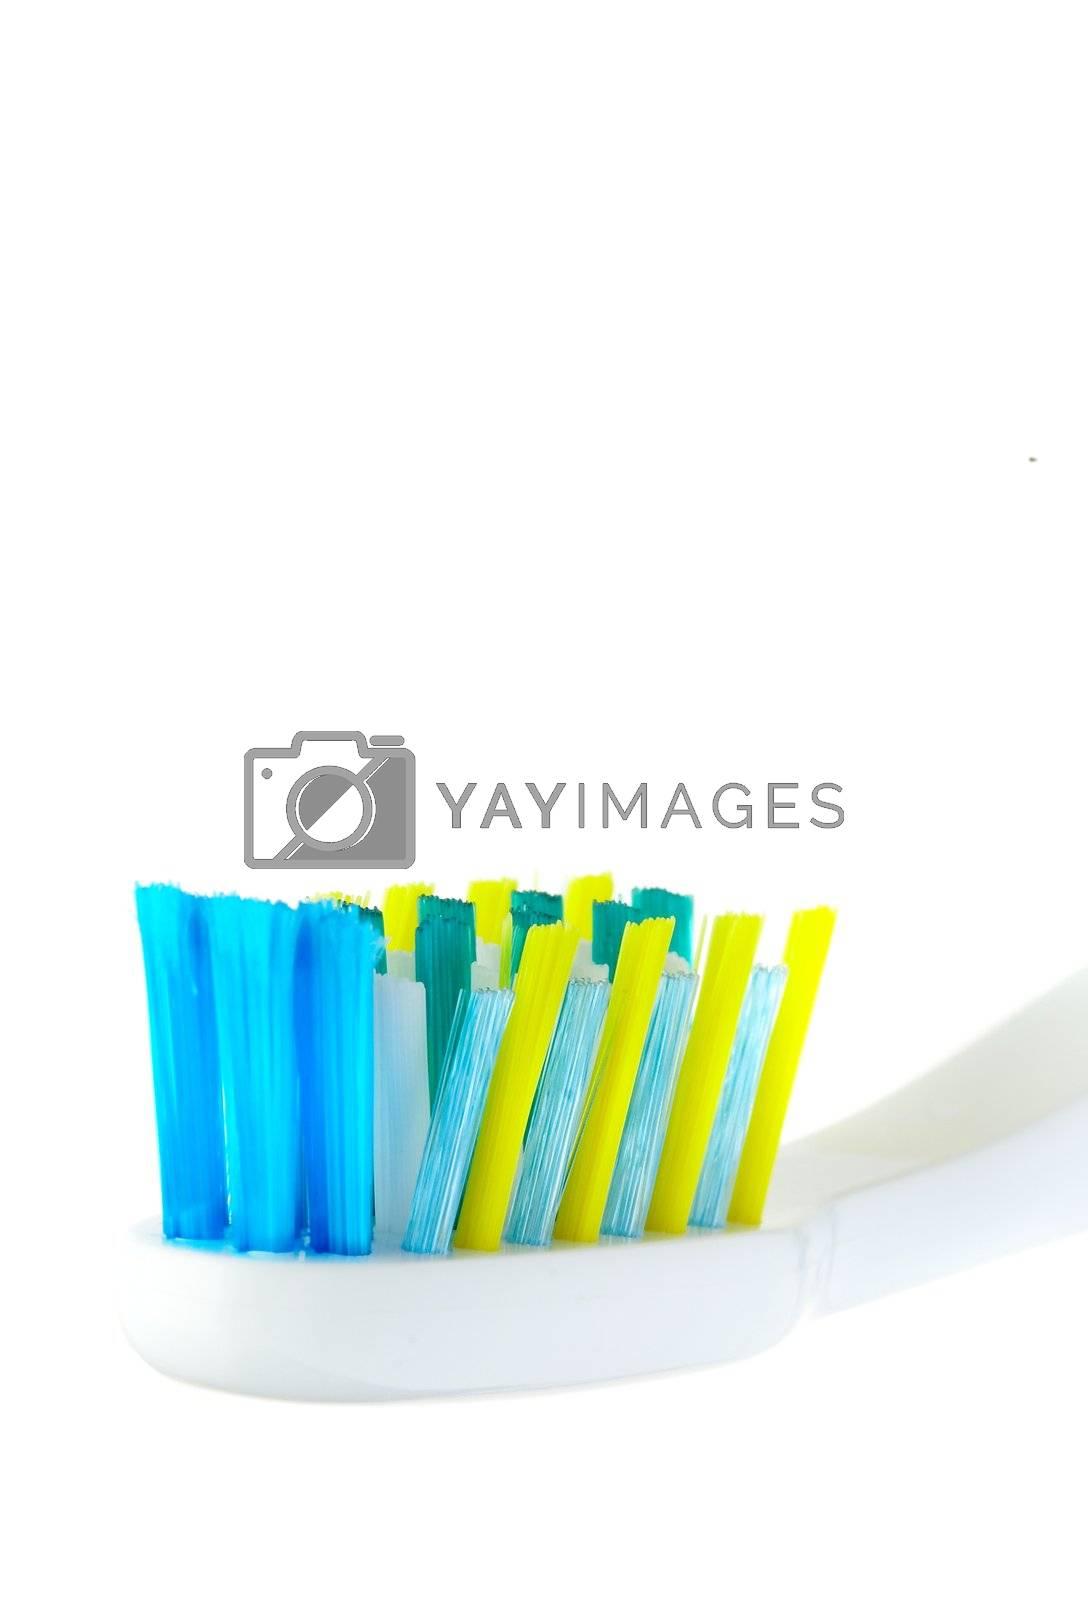 Dental brush on a white background